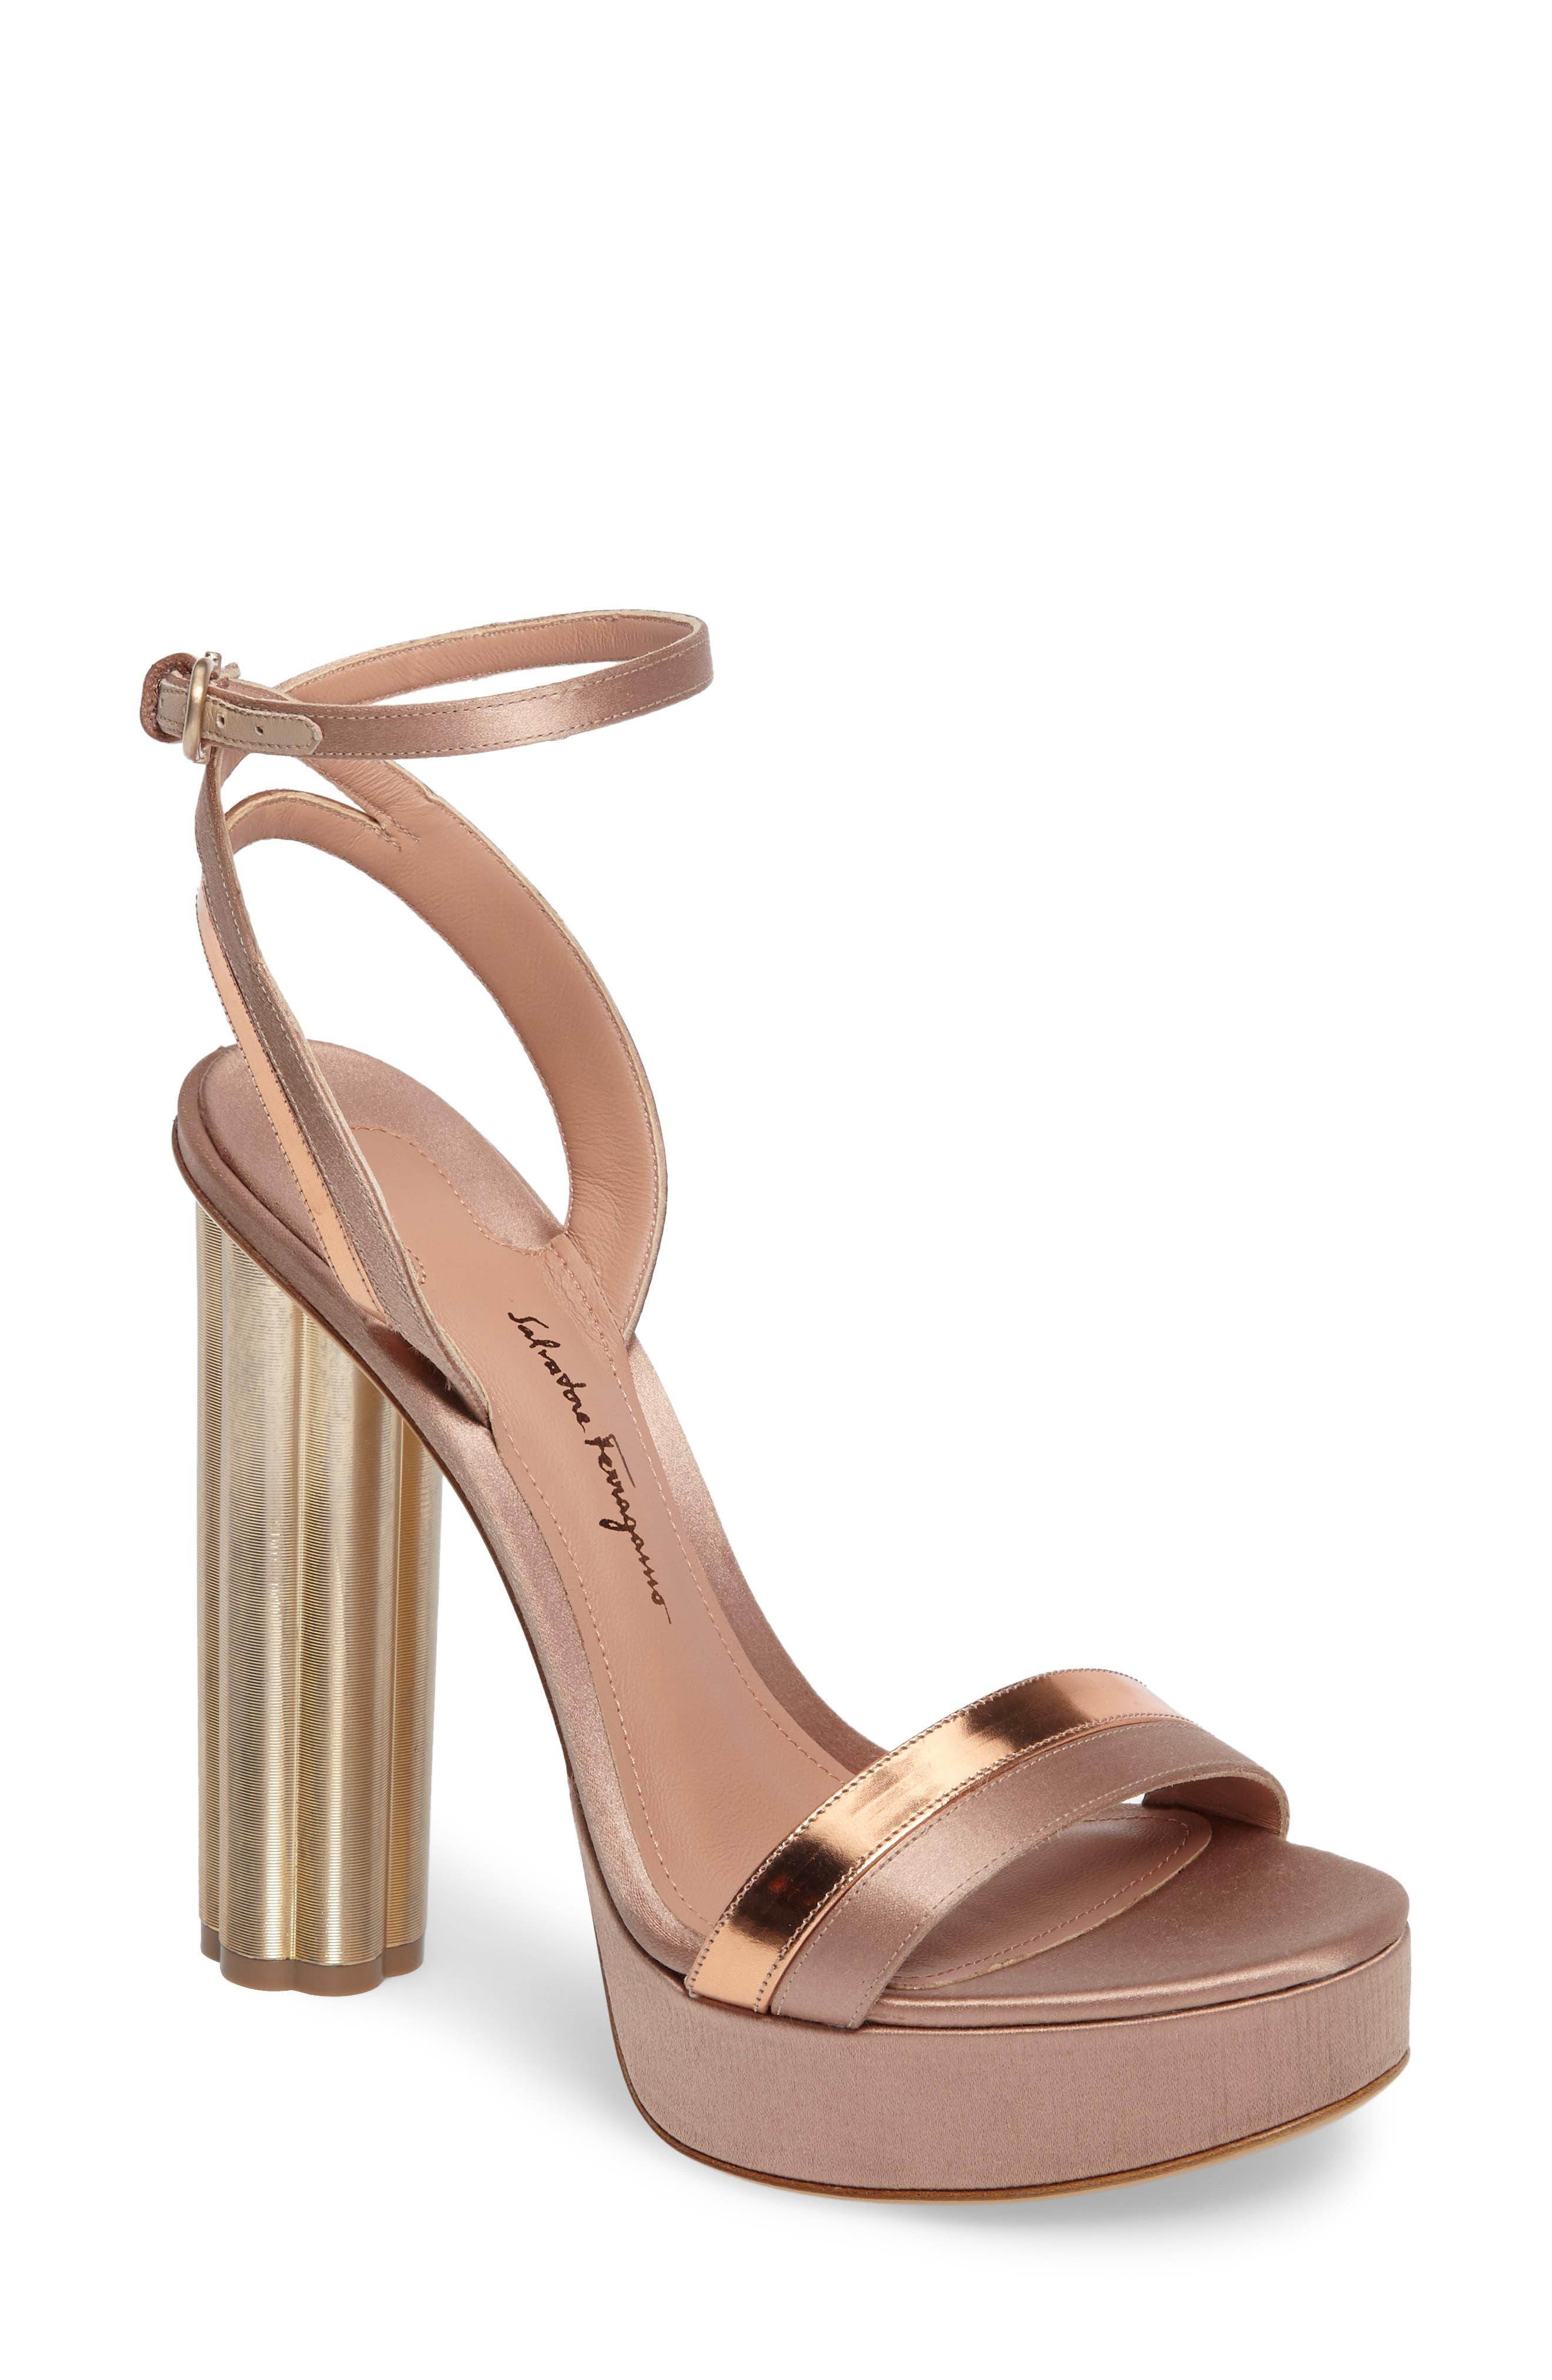 Ankle Strap Platform Sandal,                             Main thumbnail 1, color,                             710